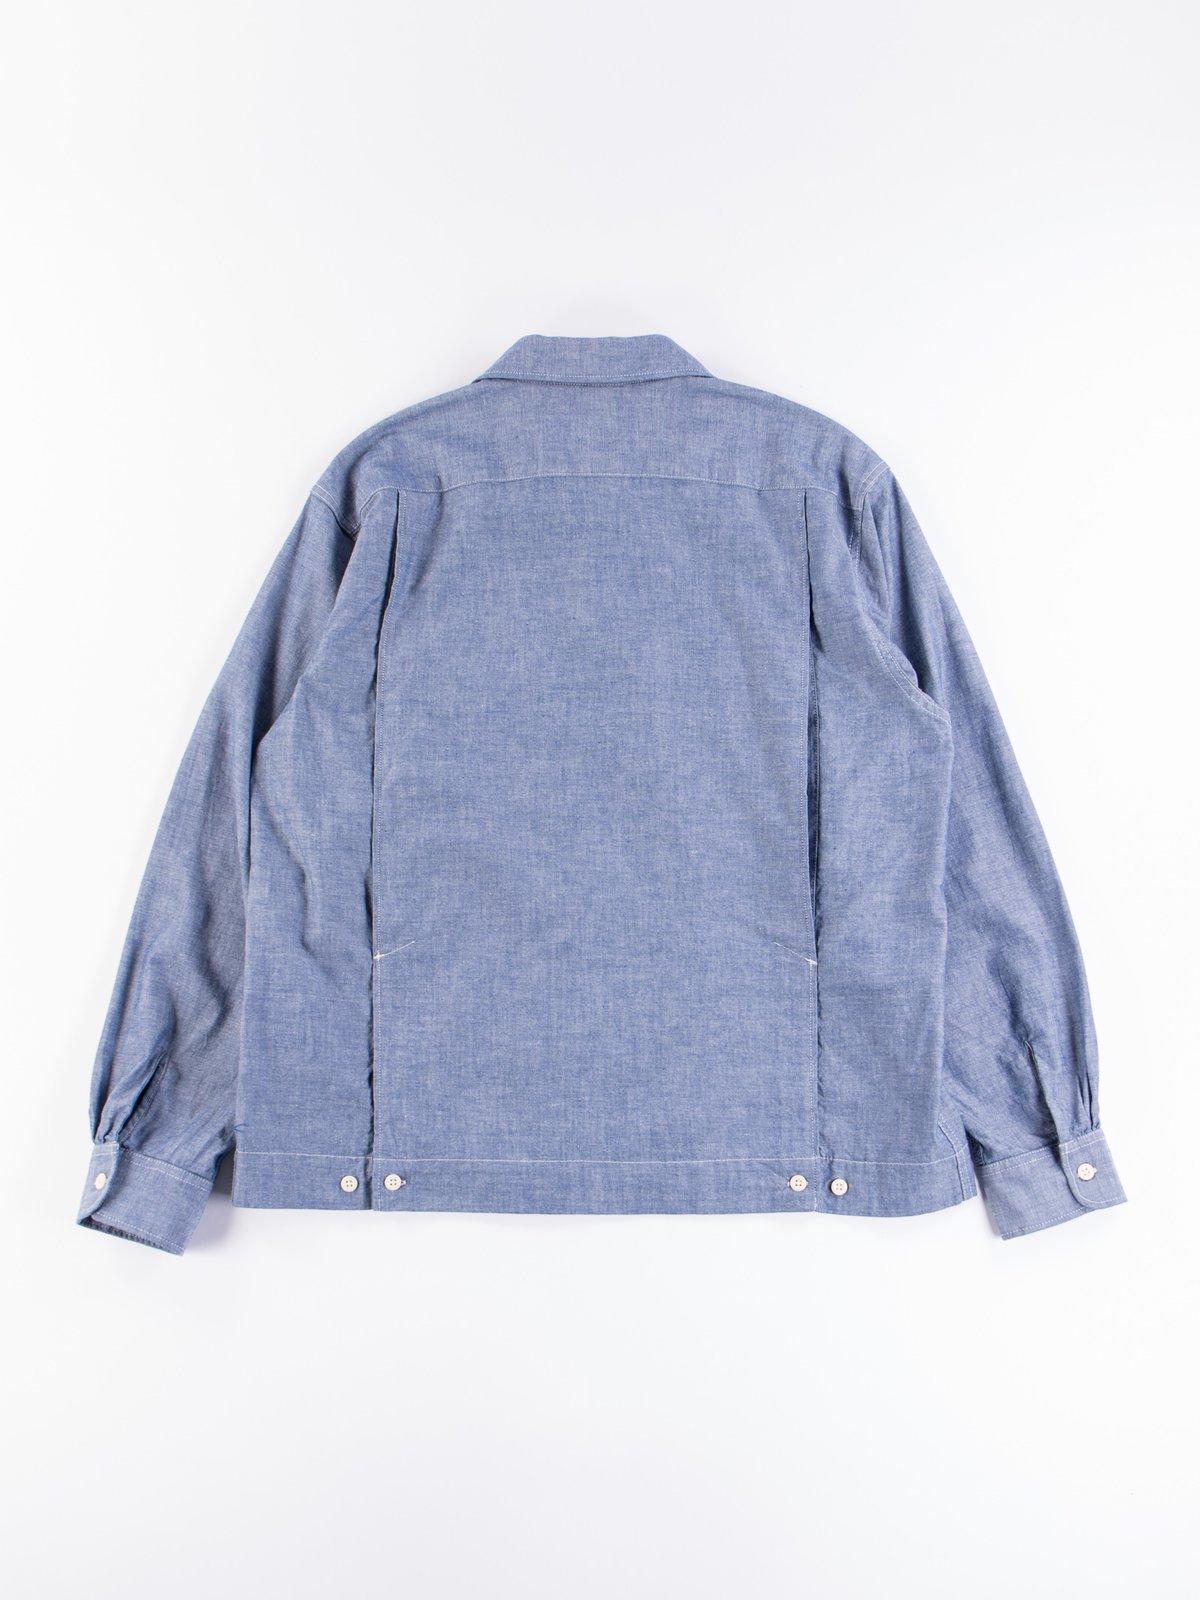 Blue Cotton Chambray Bowling Shirt - Image 6